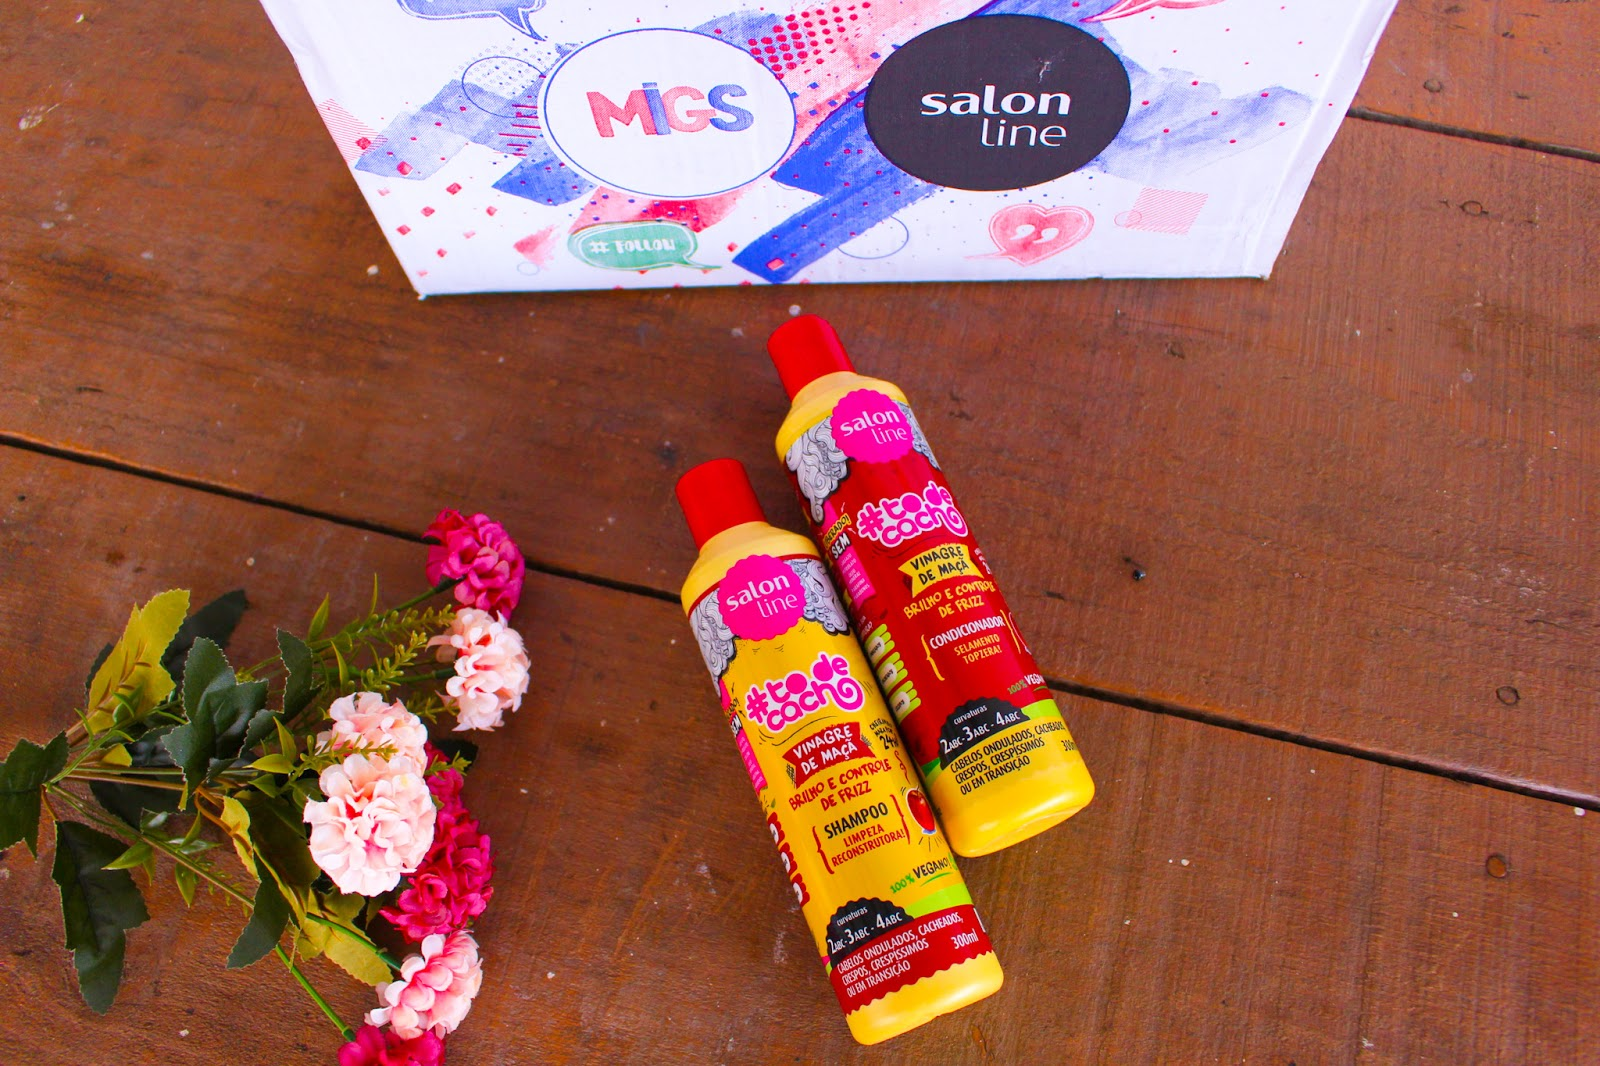 Recebidos  do mês de Junho da Salon Line #Migs